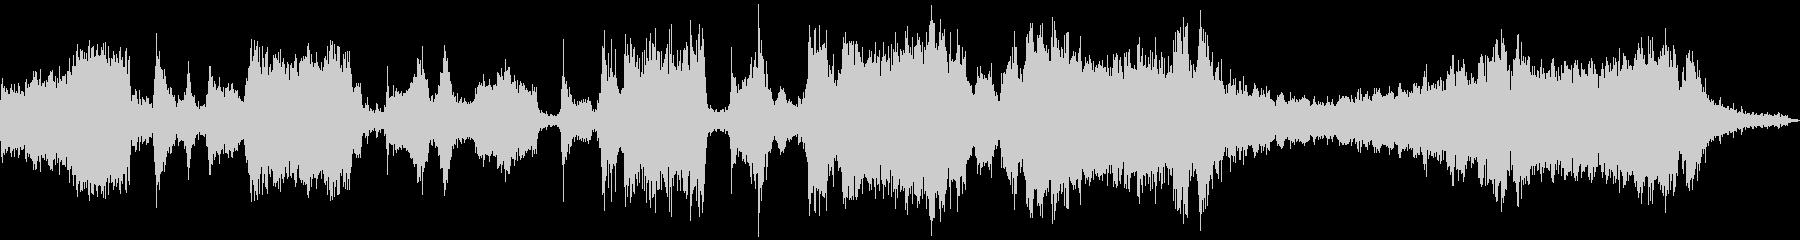 自動カーウォッシュ:INT:フルウ...の未再生の波形